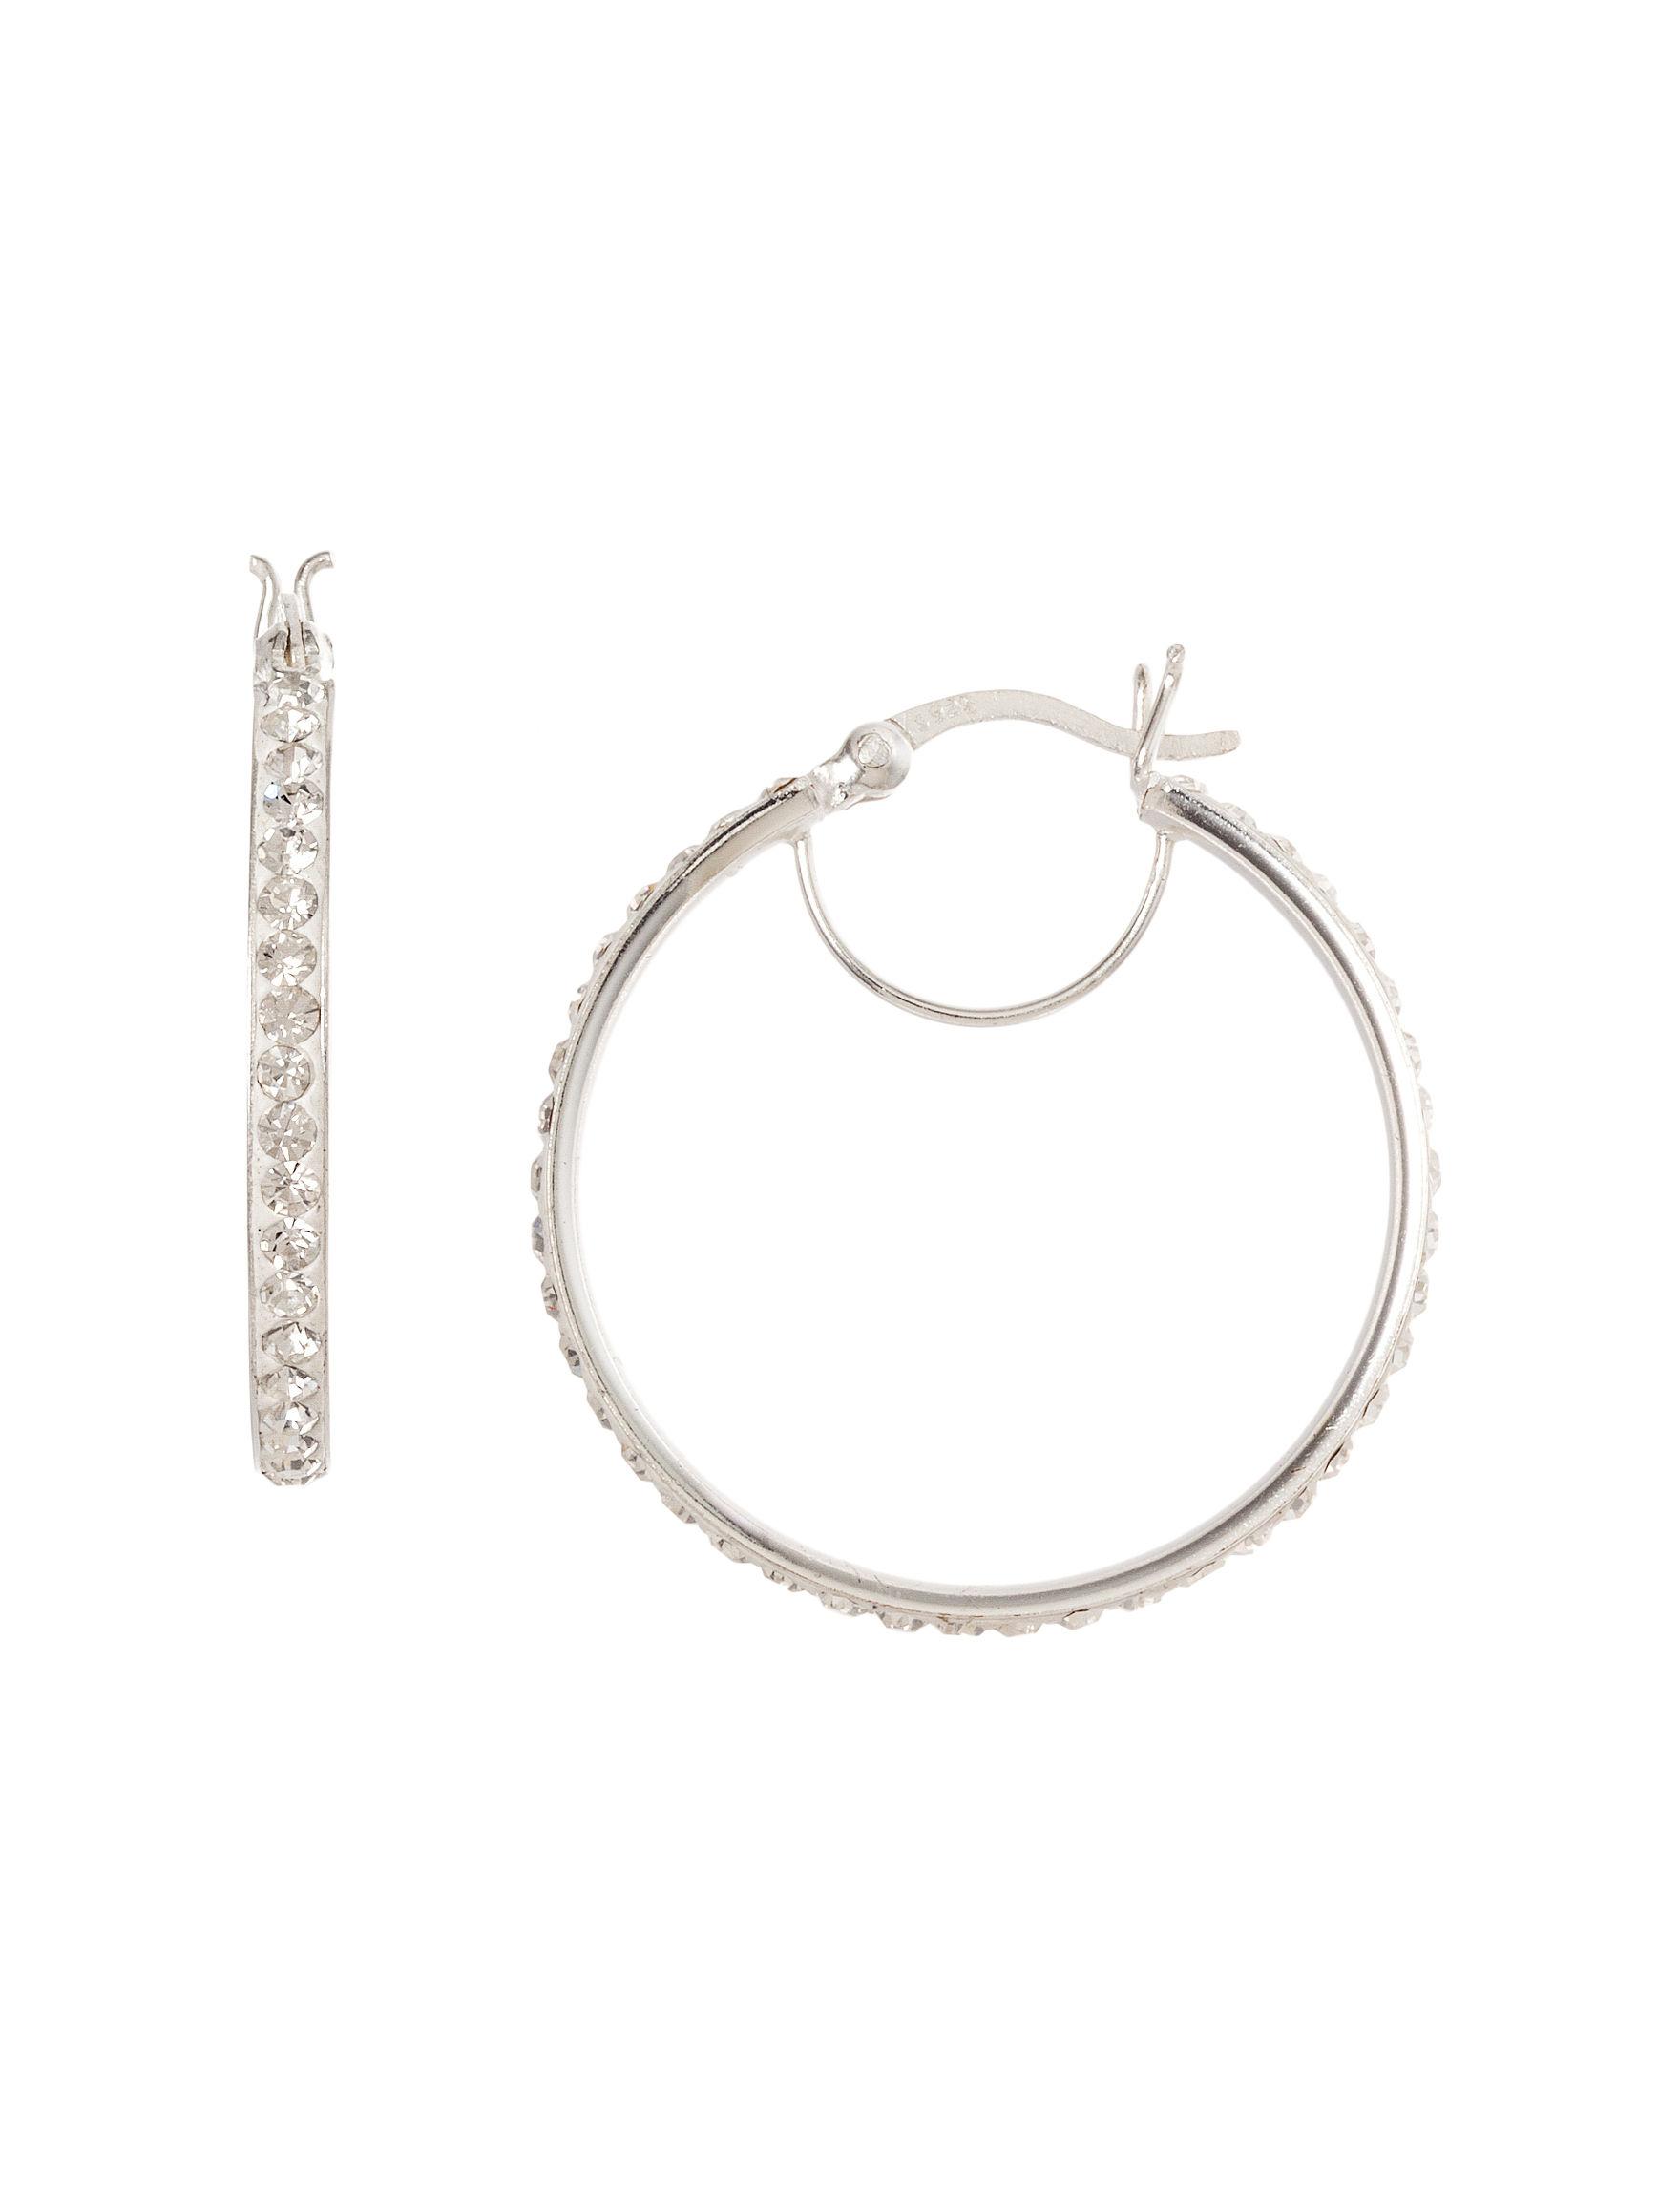 Marsala Silver / Crystal Earrings Fine Jewelry